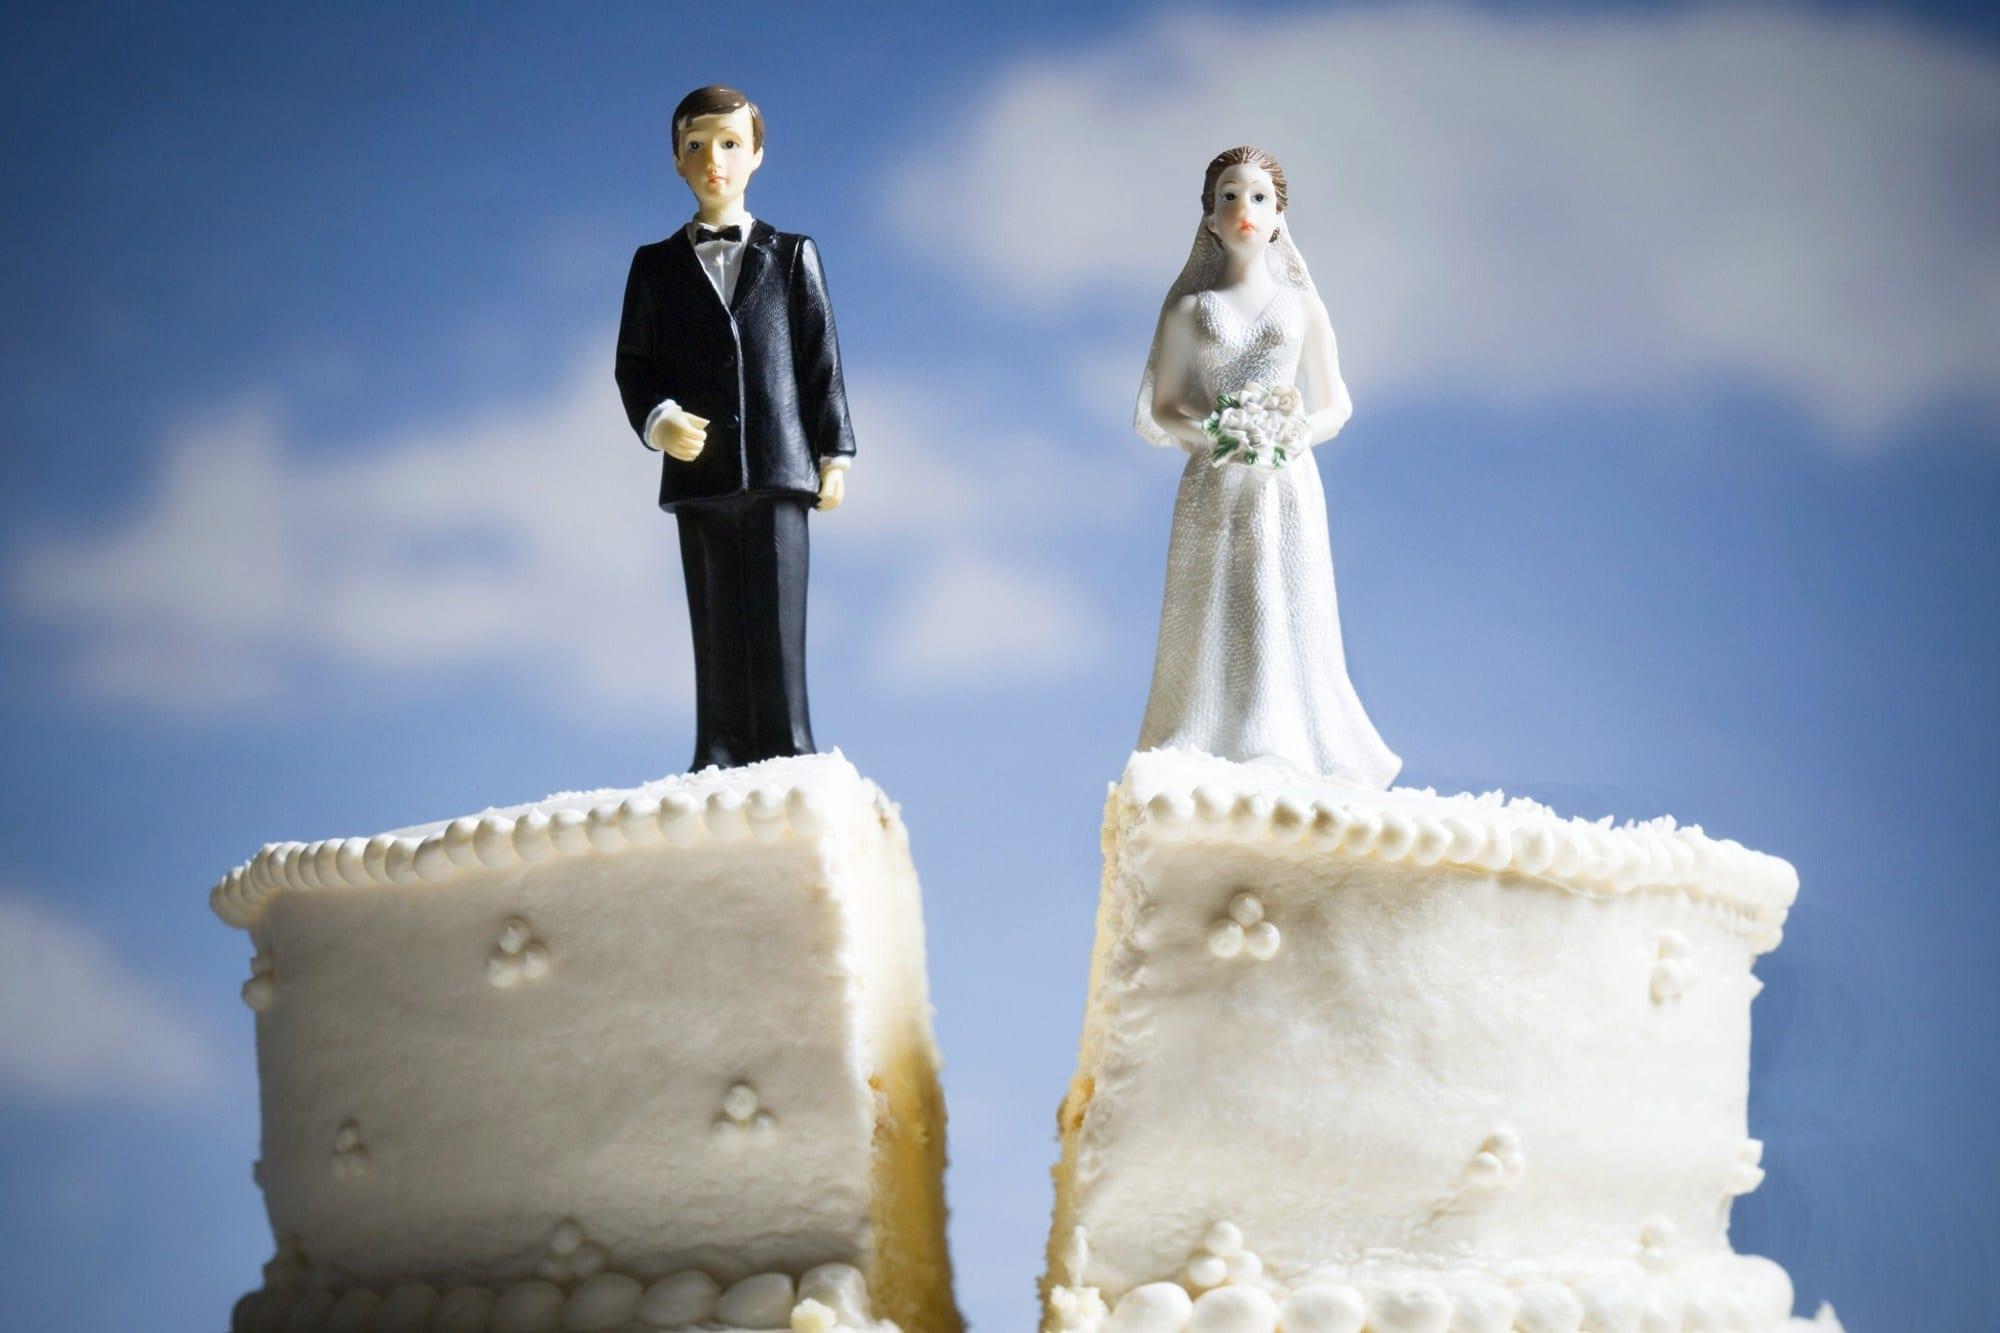 Aumenta o número de divórcios entre pessoas com mais de 50 anos